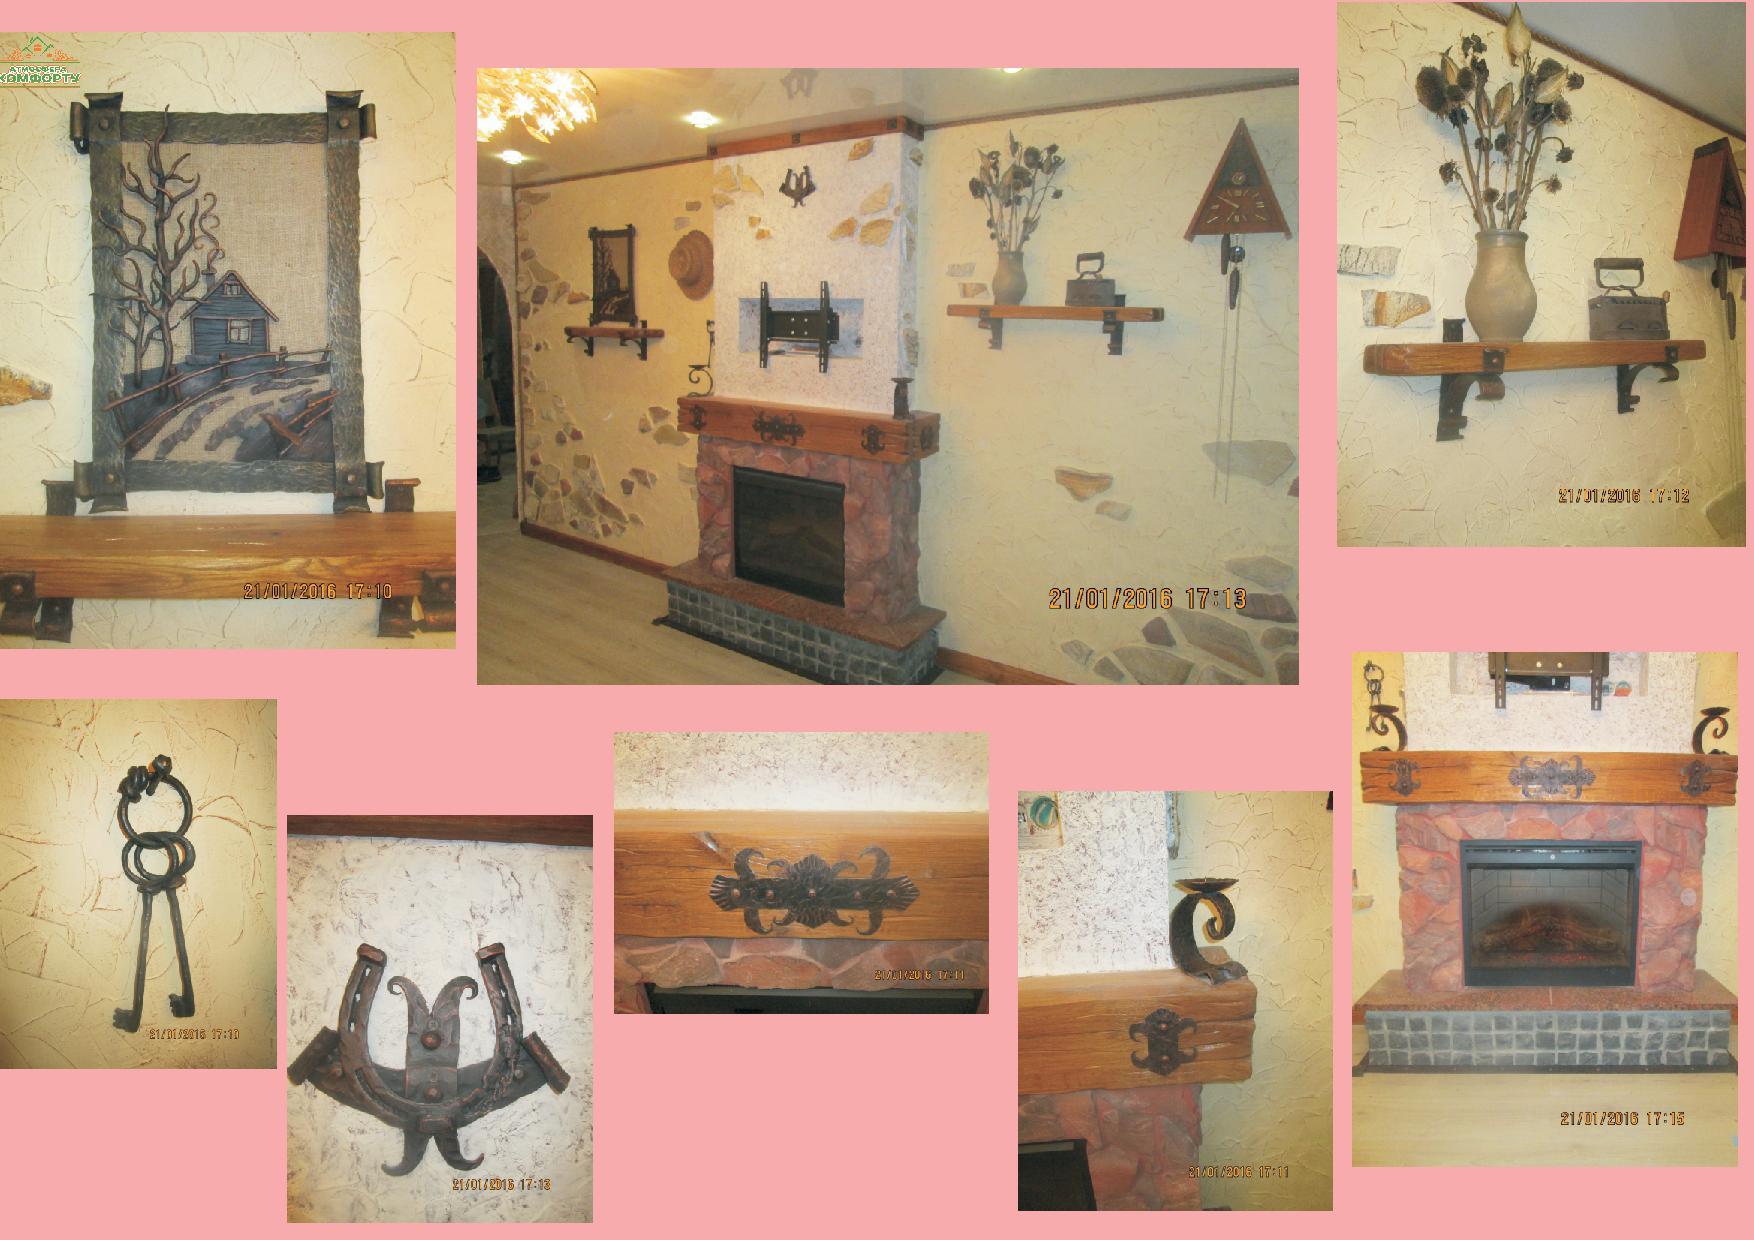 ковані вироби, кованные изделия, кованные изделия черкассы, ковані вироби черкаси